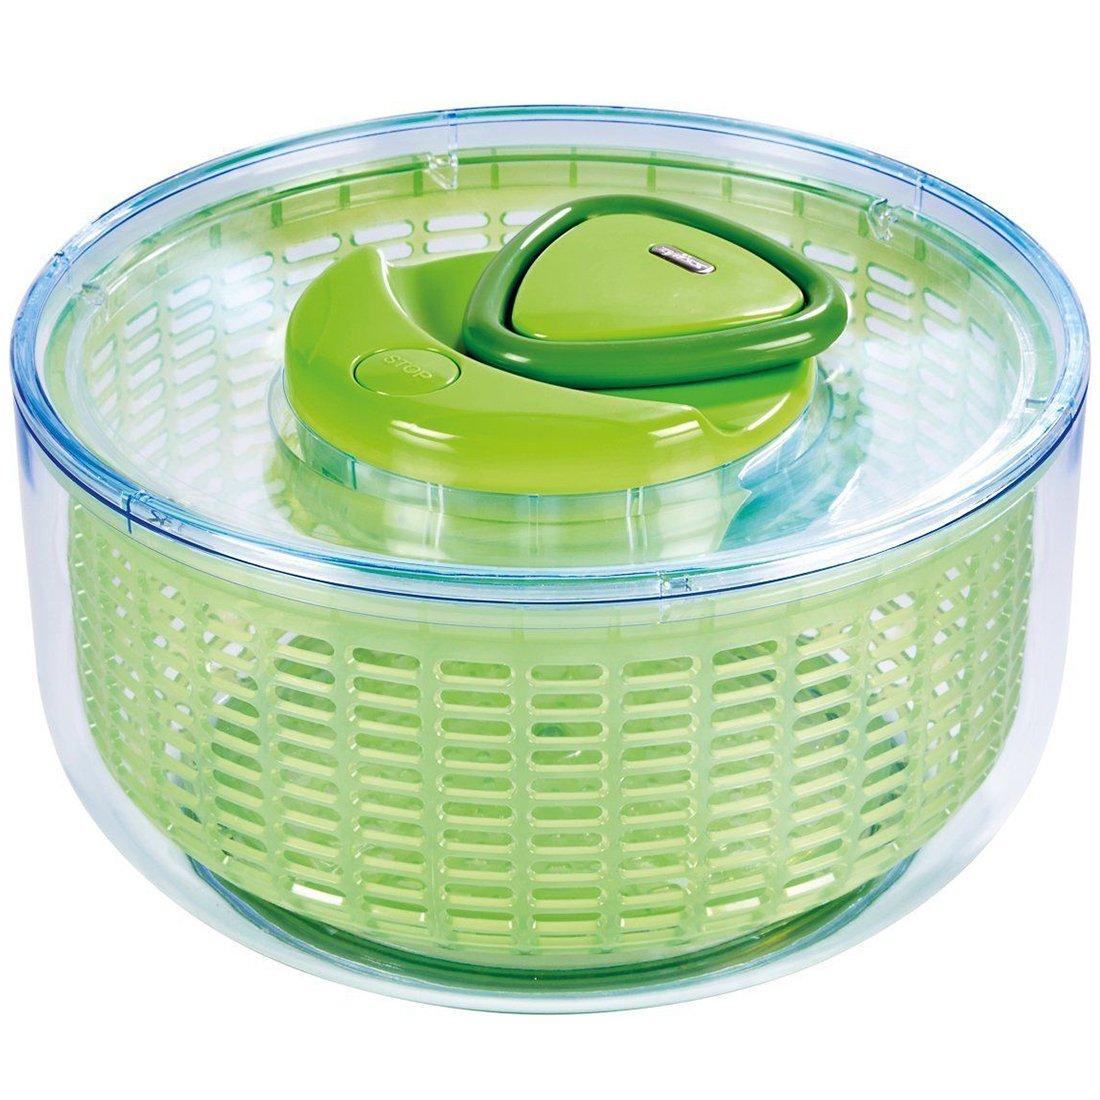 Zyliss Easy Spin Salad Spinner, Green, Large DKB Household UK Ltd 2349651